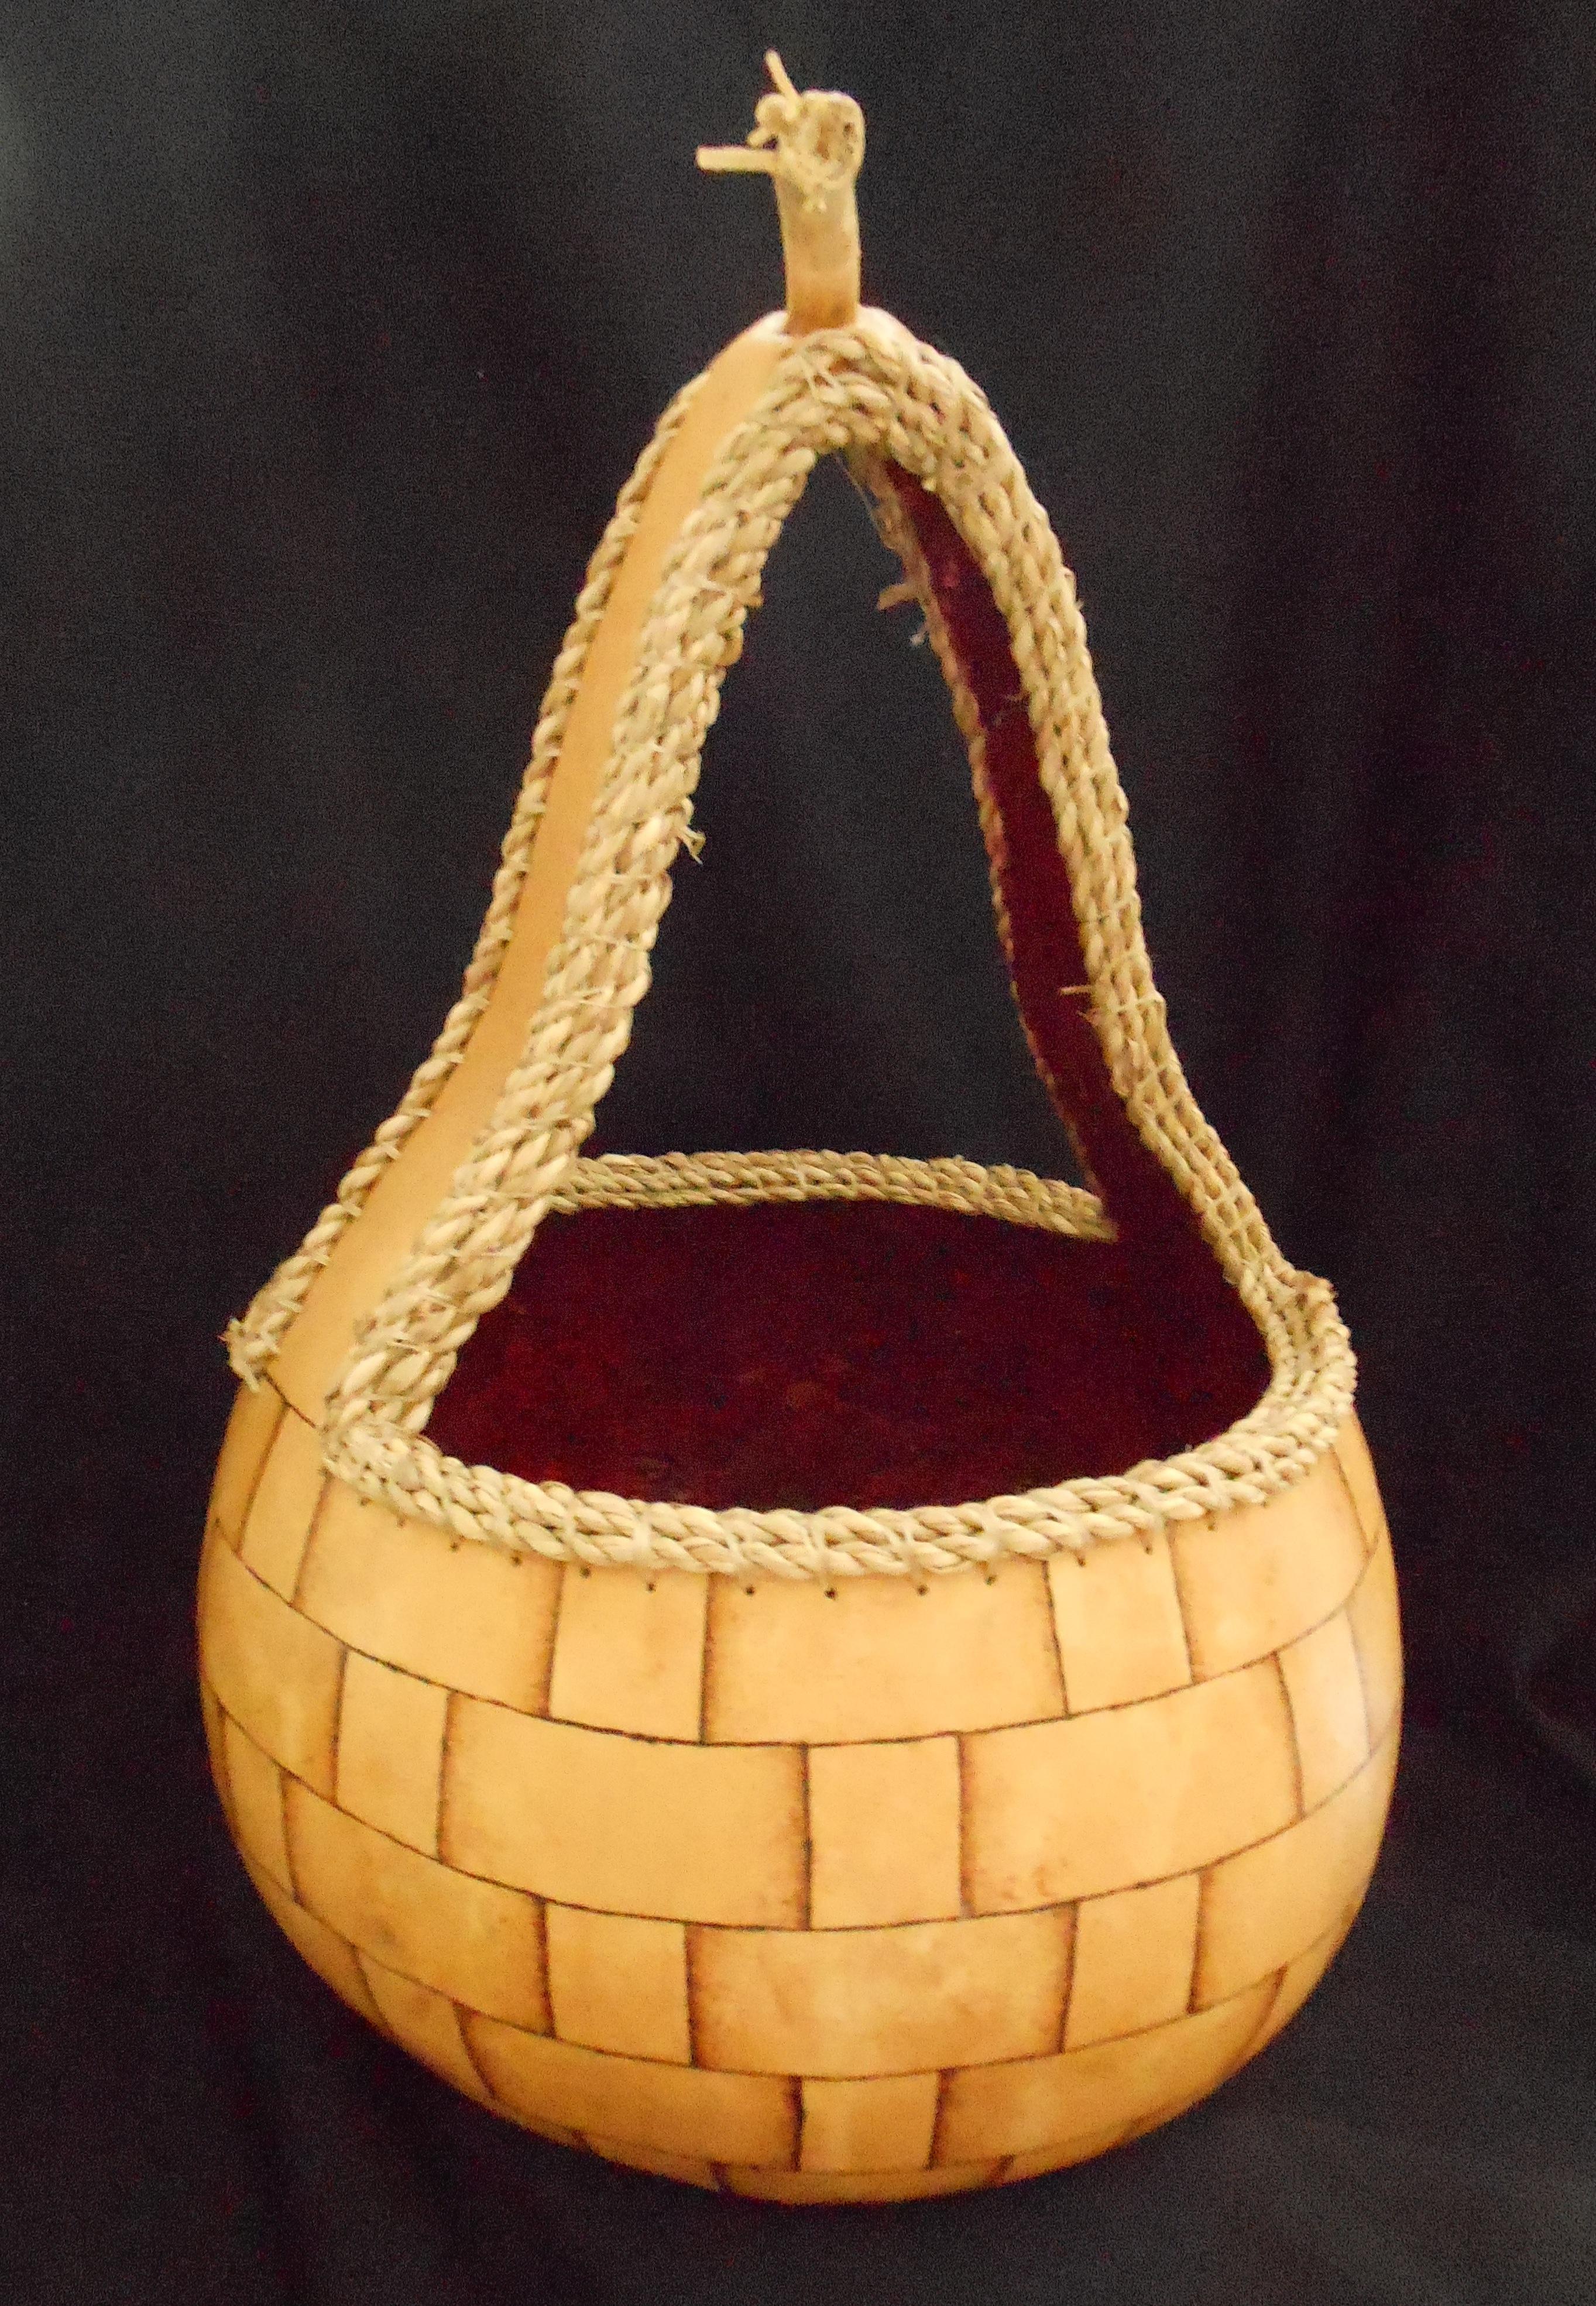 BasketPyro